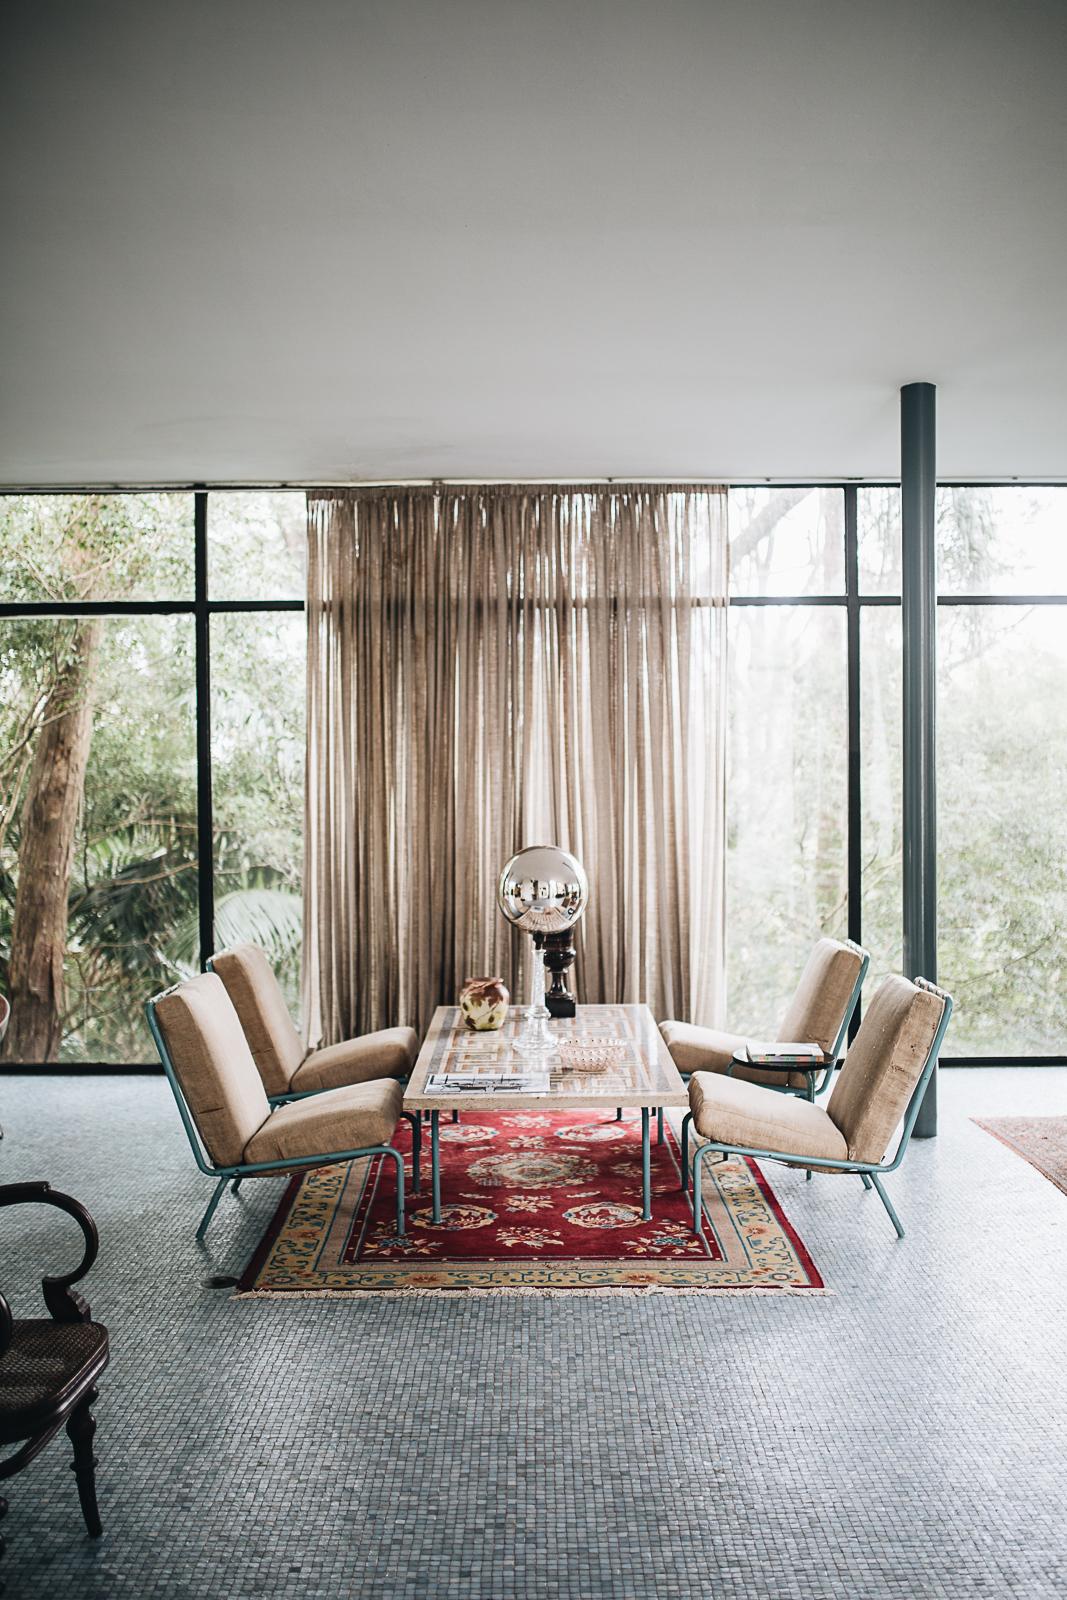 Zu Besuch im Glashaus von Lina Bo Bardi